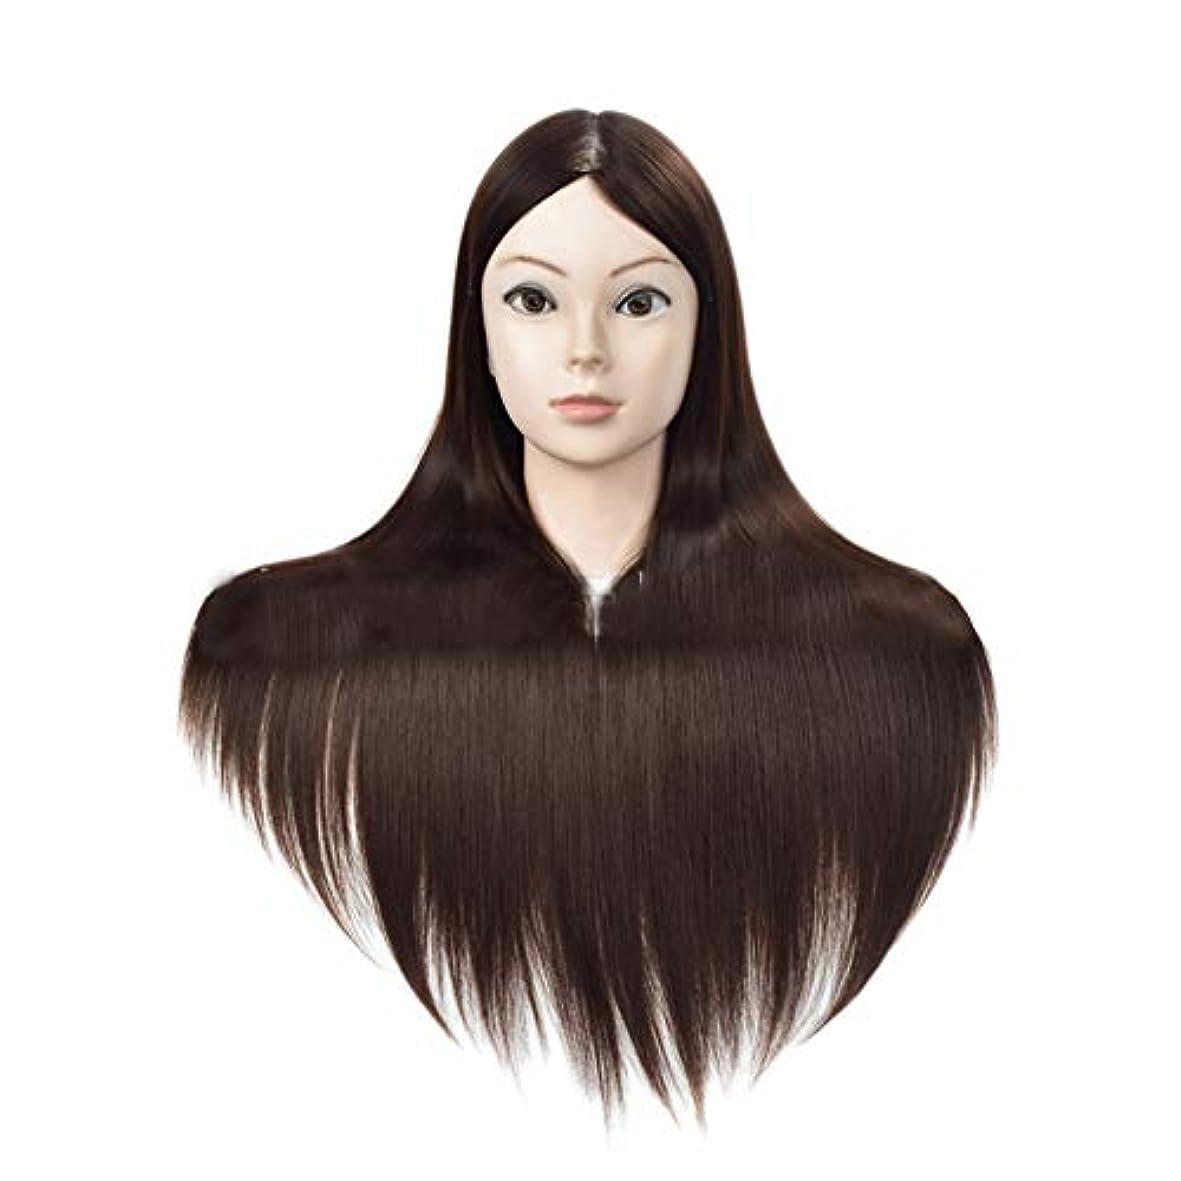 混乱グラマー万一に備えて髪編組ヘアスタイリング練習ヘッド高温線毛ウィッグヘッド金型メイク学習訓練ダミーヘッド